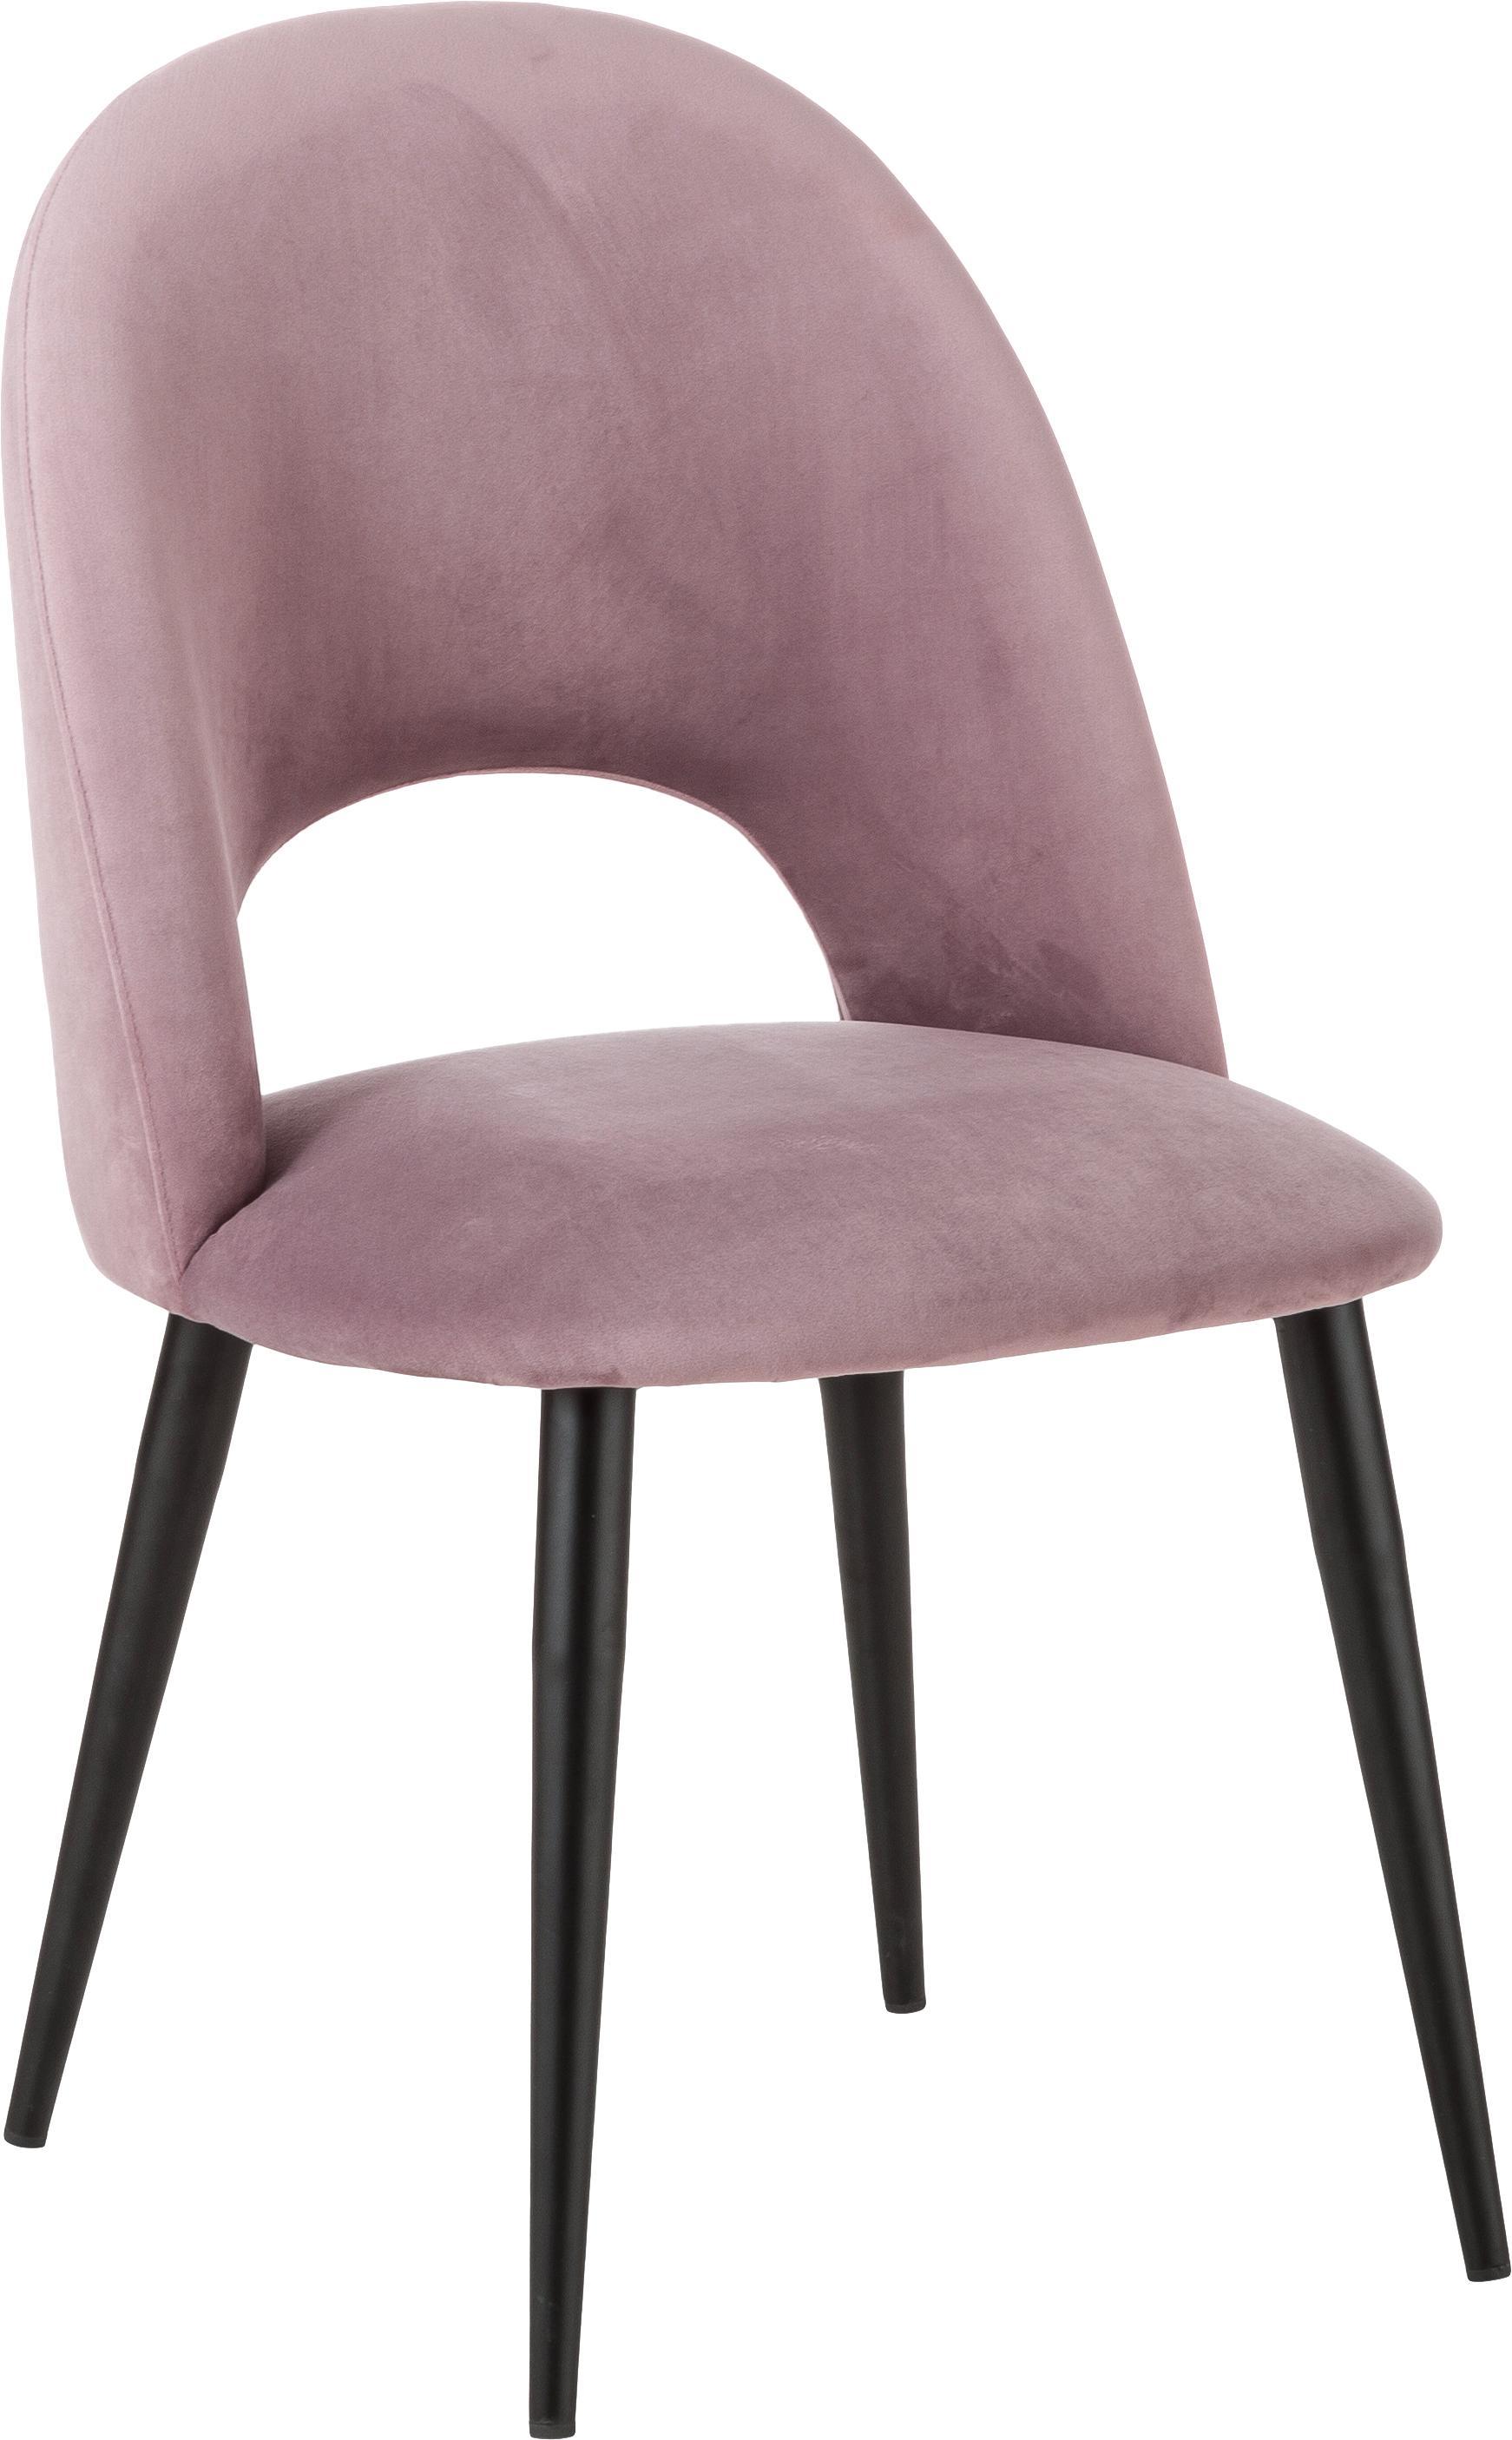 Fluwelen stoel Rachel, Bekleding: fluweel (hoogwaardige pol, Poten: gepoedercoat metaal, Fluweel mauve, B 53 x D 57 cm